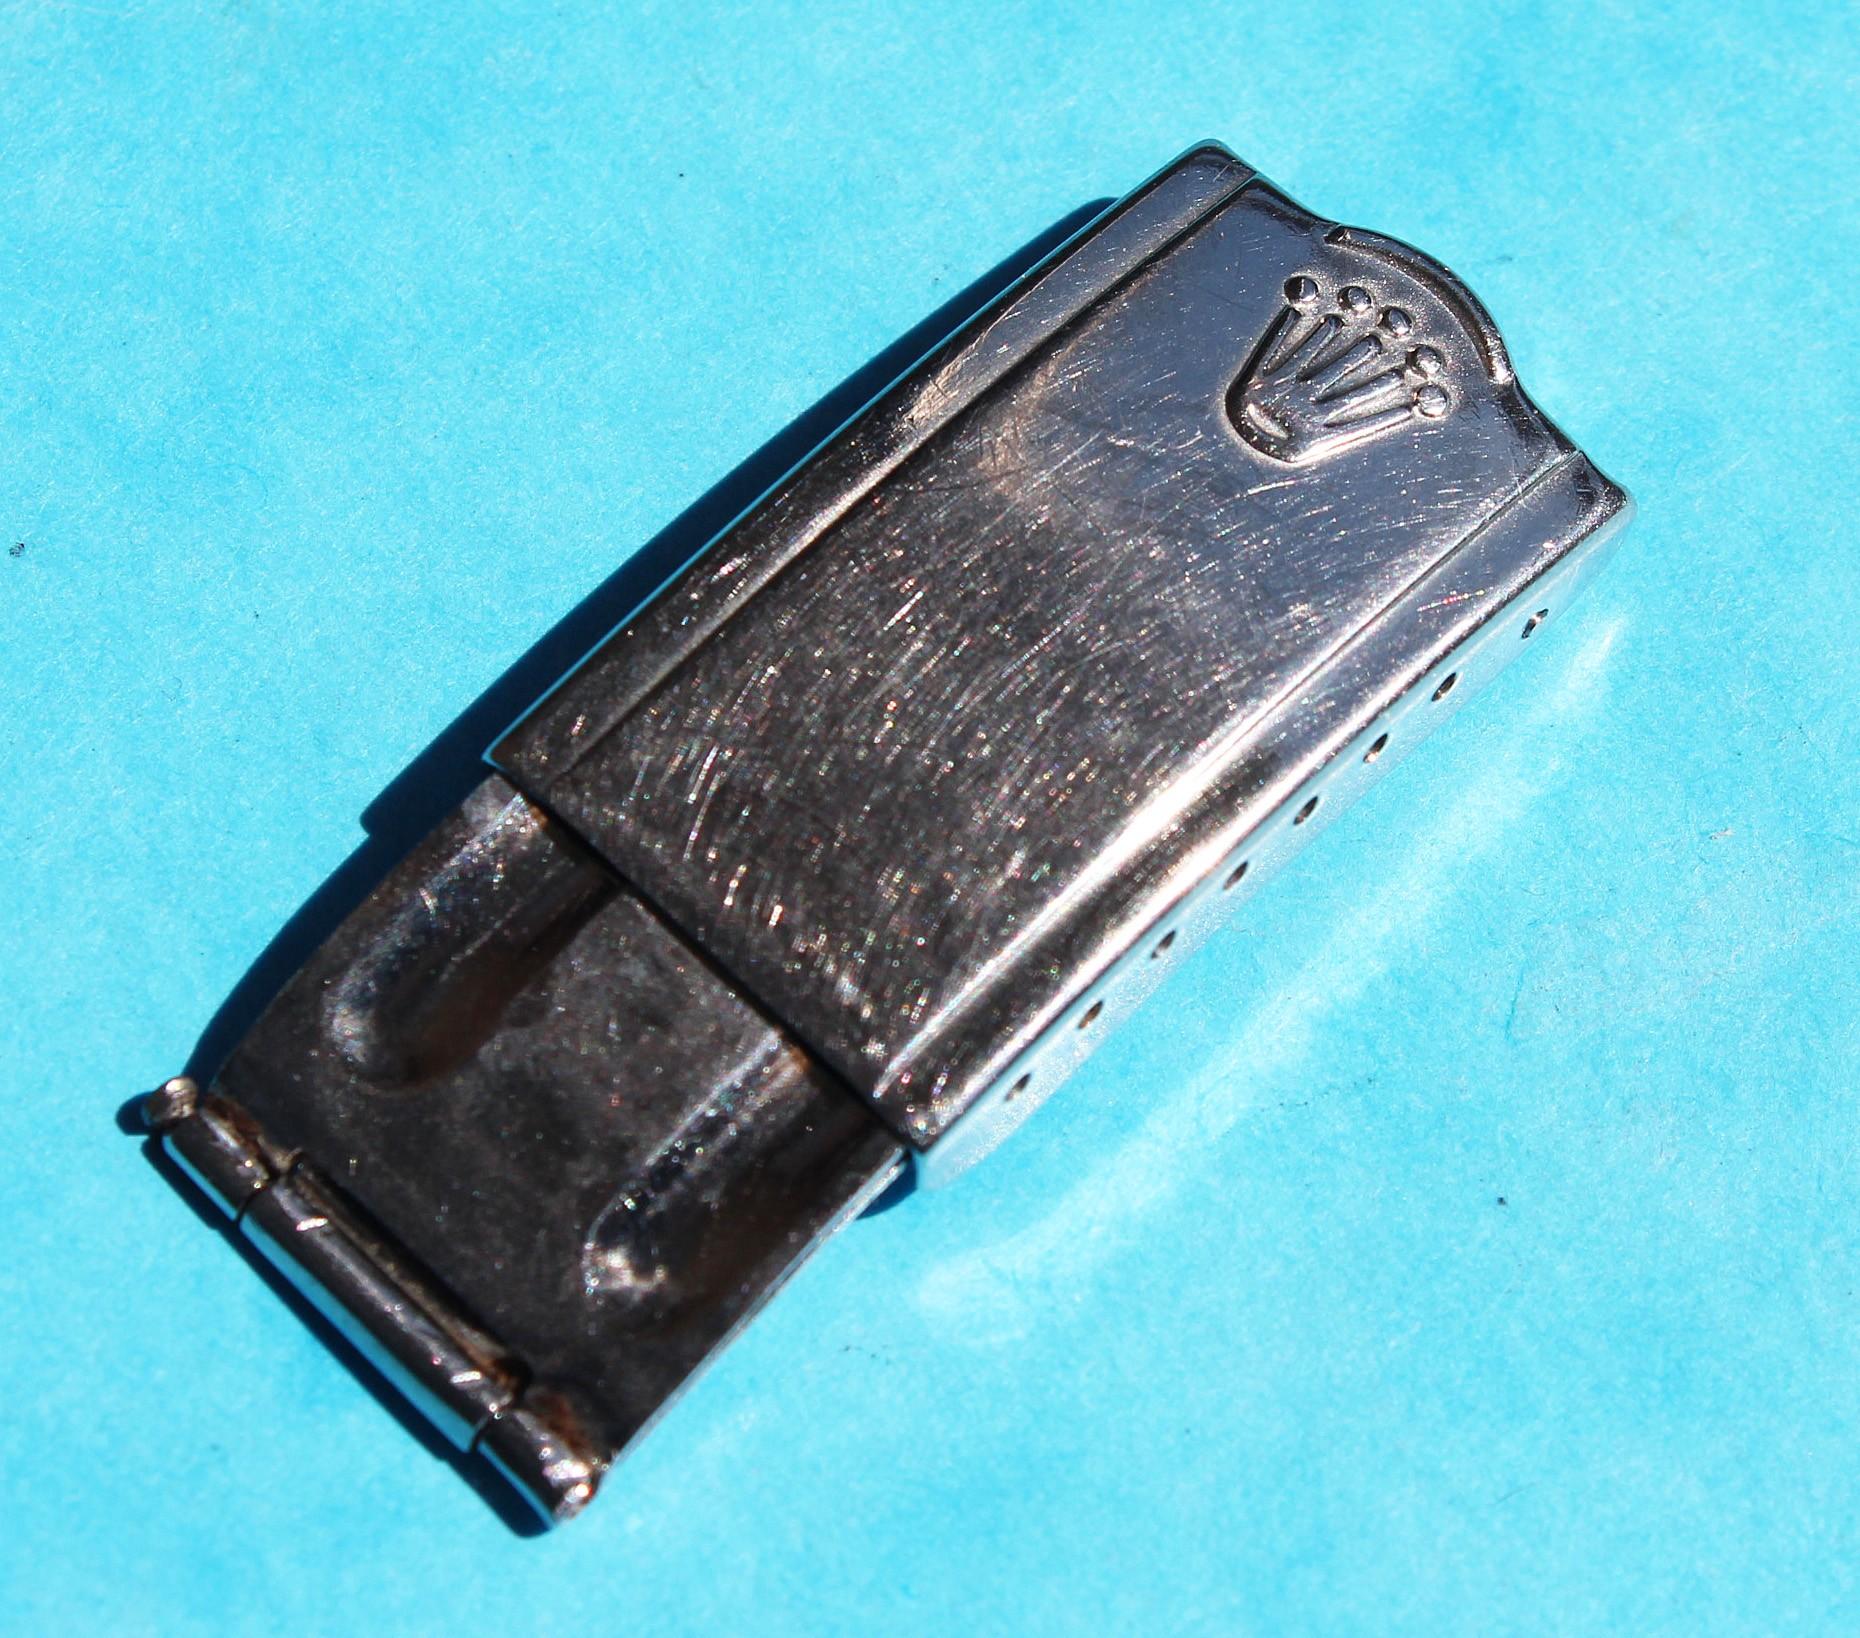 VINTAGE FERMOIR DÉPLOYANT BOUCLE ROLEX 6542 /1675 JUBILEE USA 14k Trim Datejust ACIER